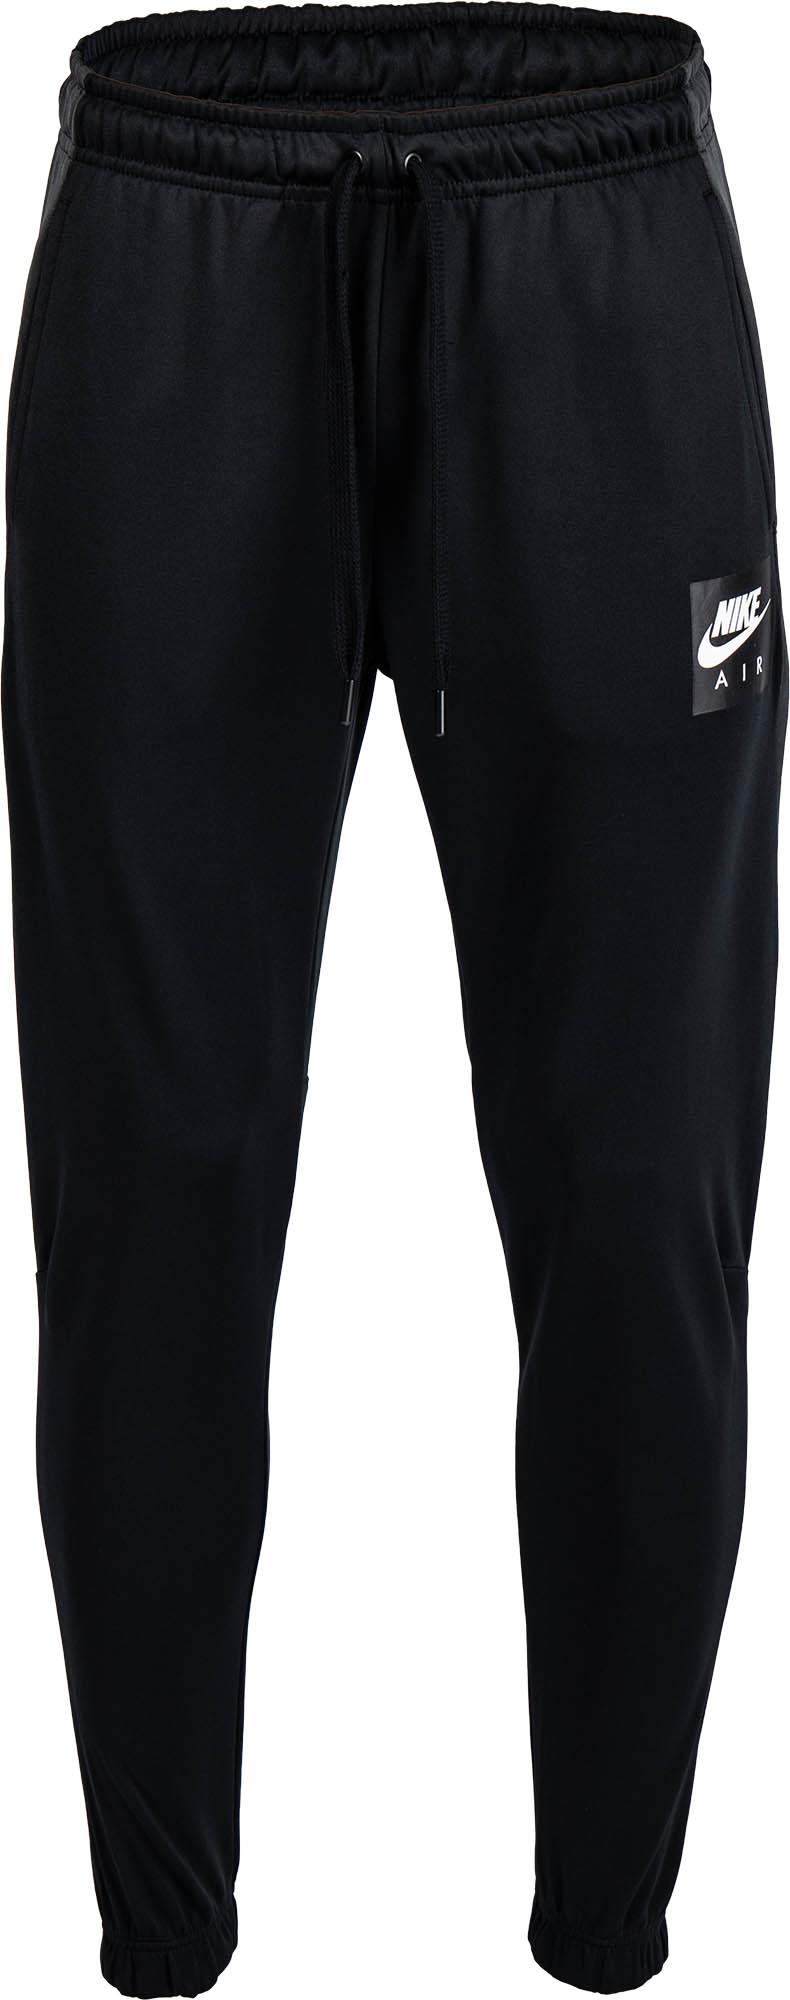 74d08601d7 Nike NSW NIKE AIR PANT PK | molo-sport.cz